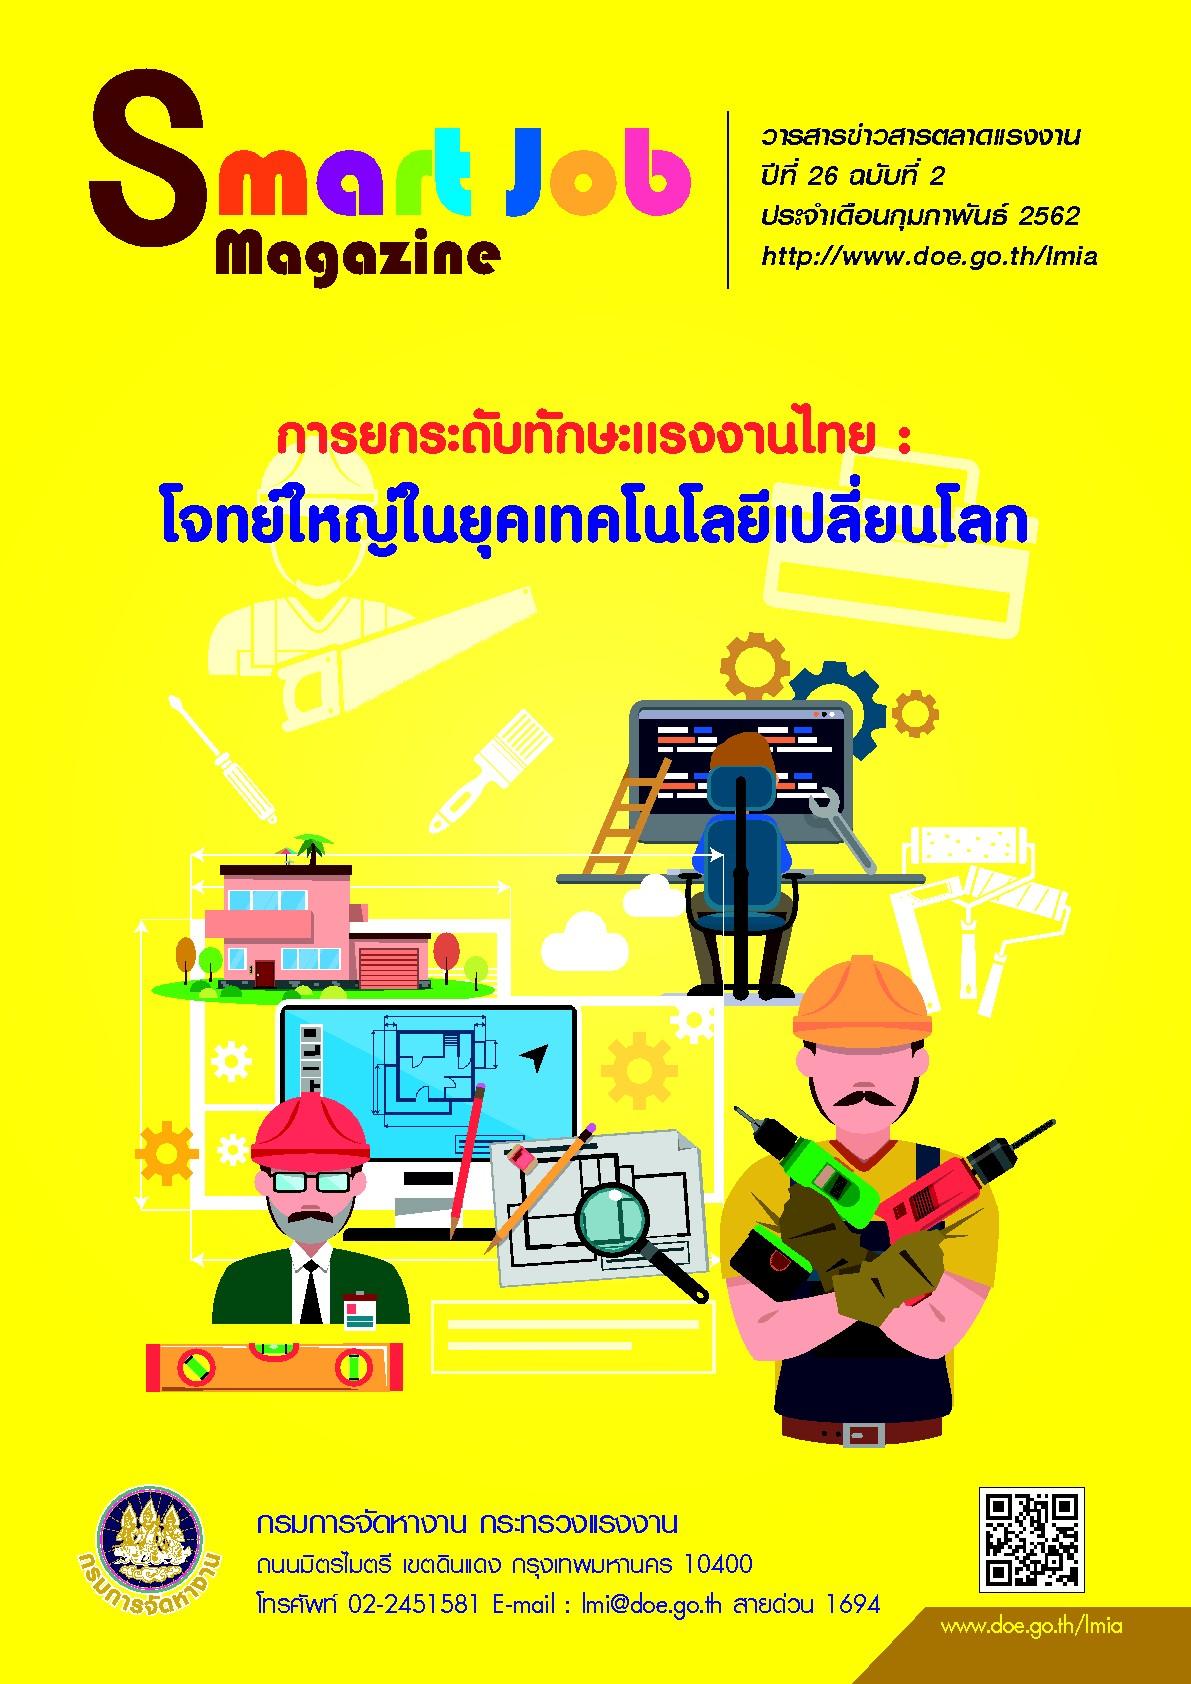 วารสารข่าวสารตลาดแรงงาน ปีที่ 26 ฉบับที่ 2 เดือนกุมภาพันธ์ 2562